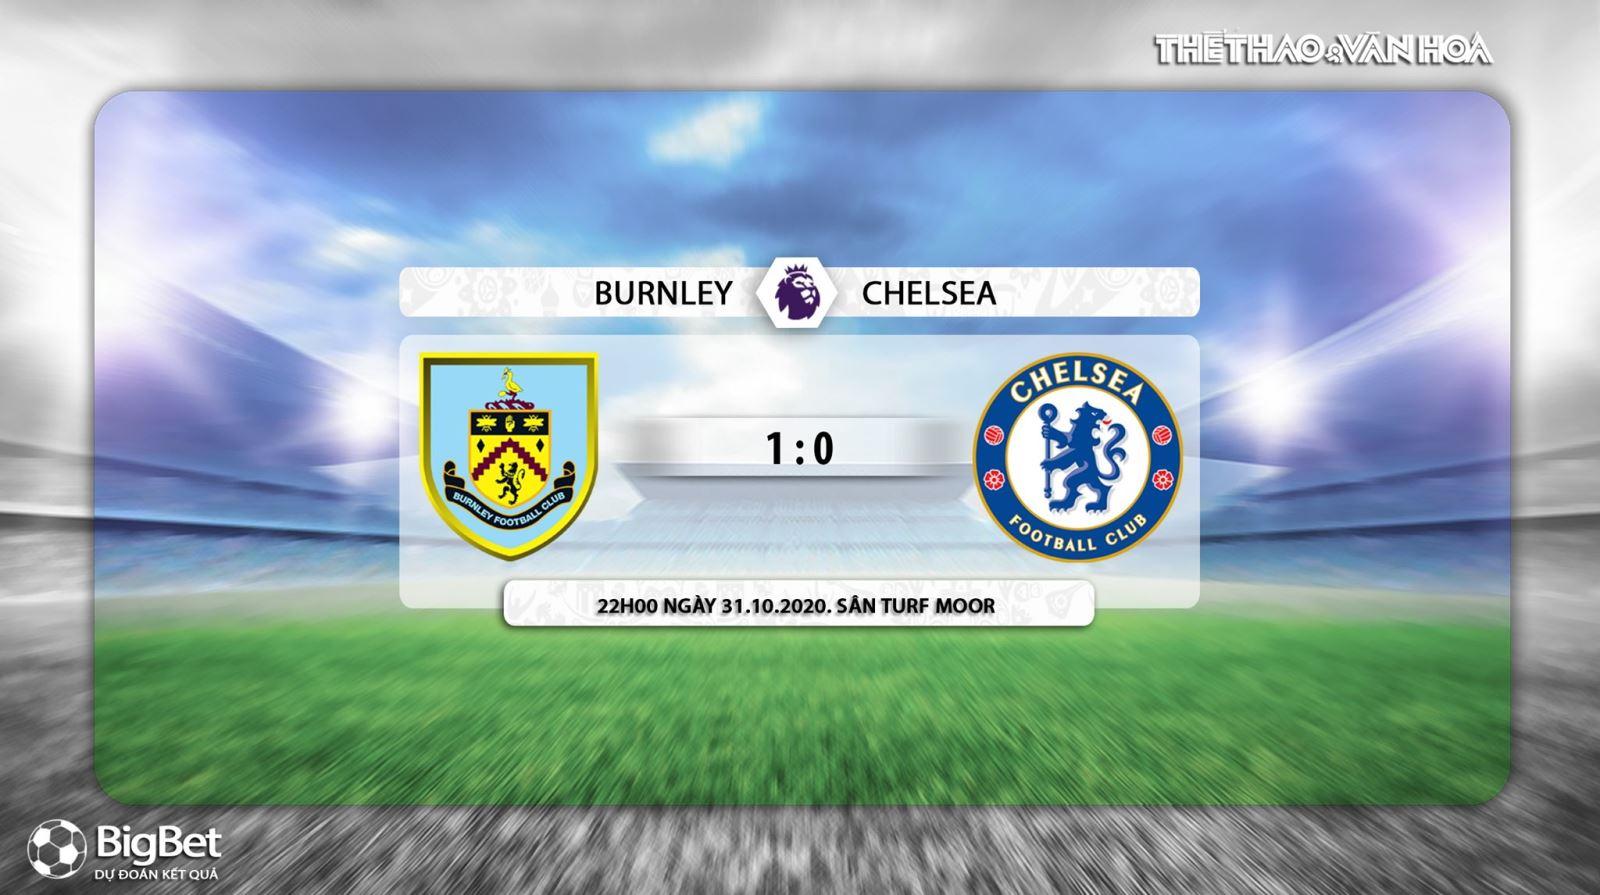 Keo nha cai, kèo nhà cái, Burnley vs Chelsea, K+PM, Truc tiep bong da, Ngoại hạng Anh vòng 7, trực tiếp bóng đá Anh, soi kèo bóng đá, trực tiếp Chelsea, kèo Chelsea